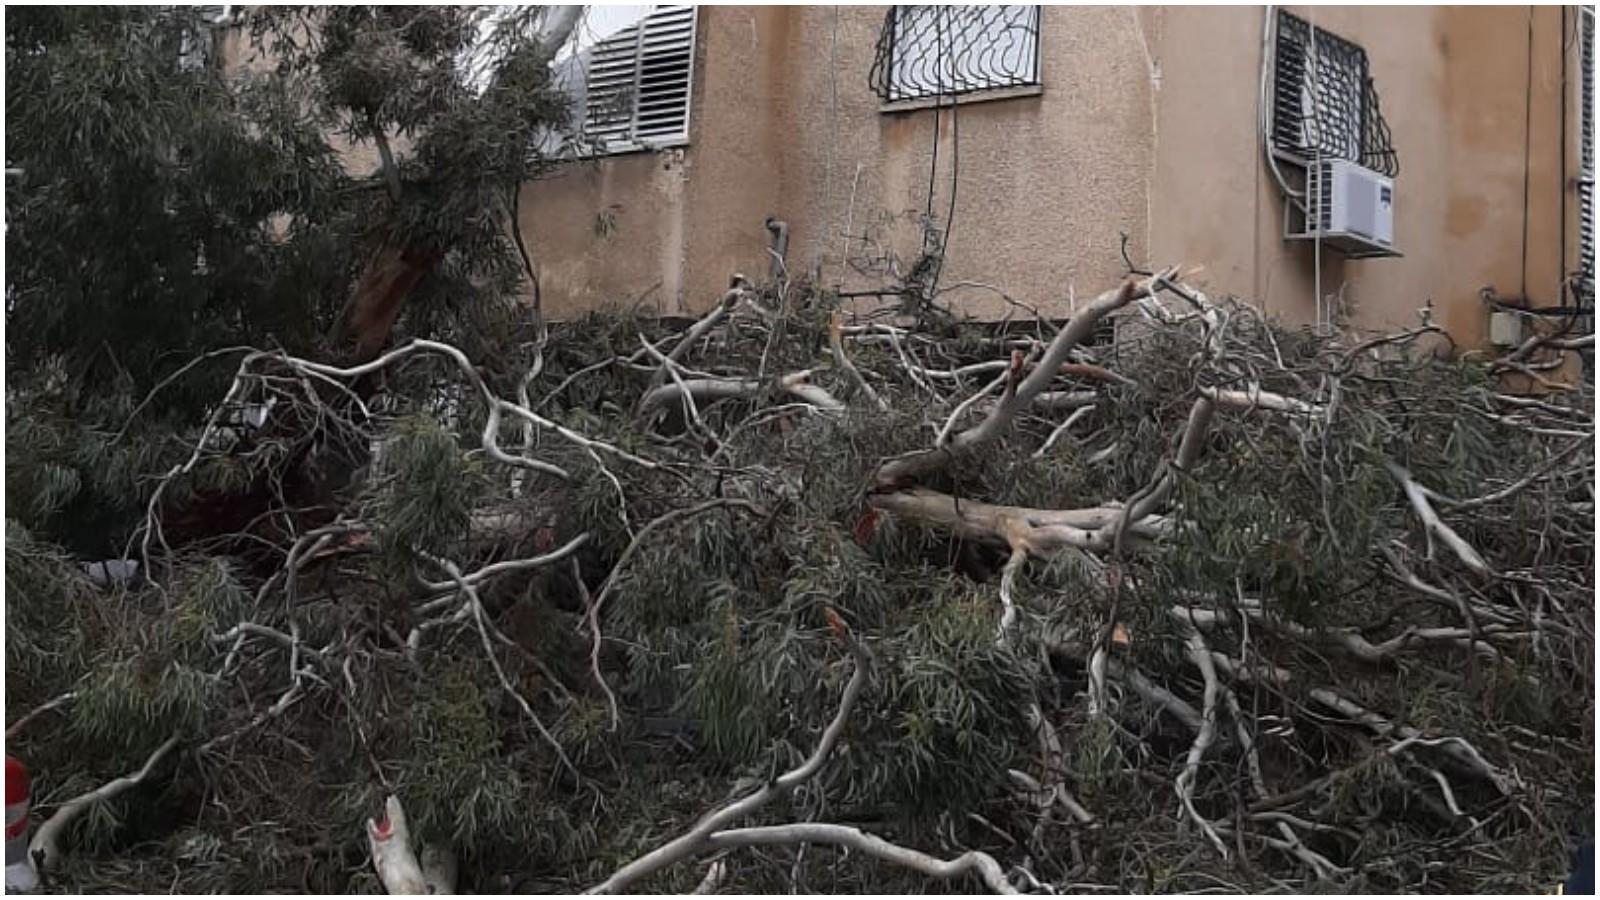 קריסת עץ ברחוב מונטיפיורי. צילום באדיבות הכבאות